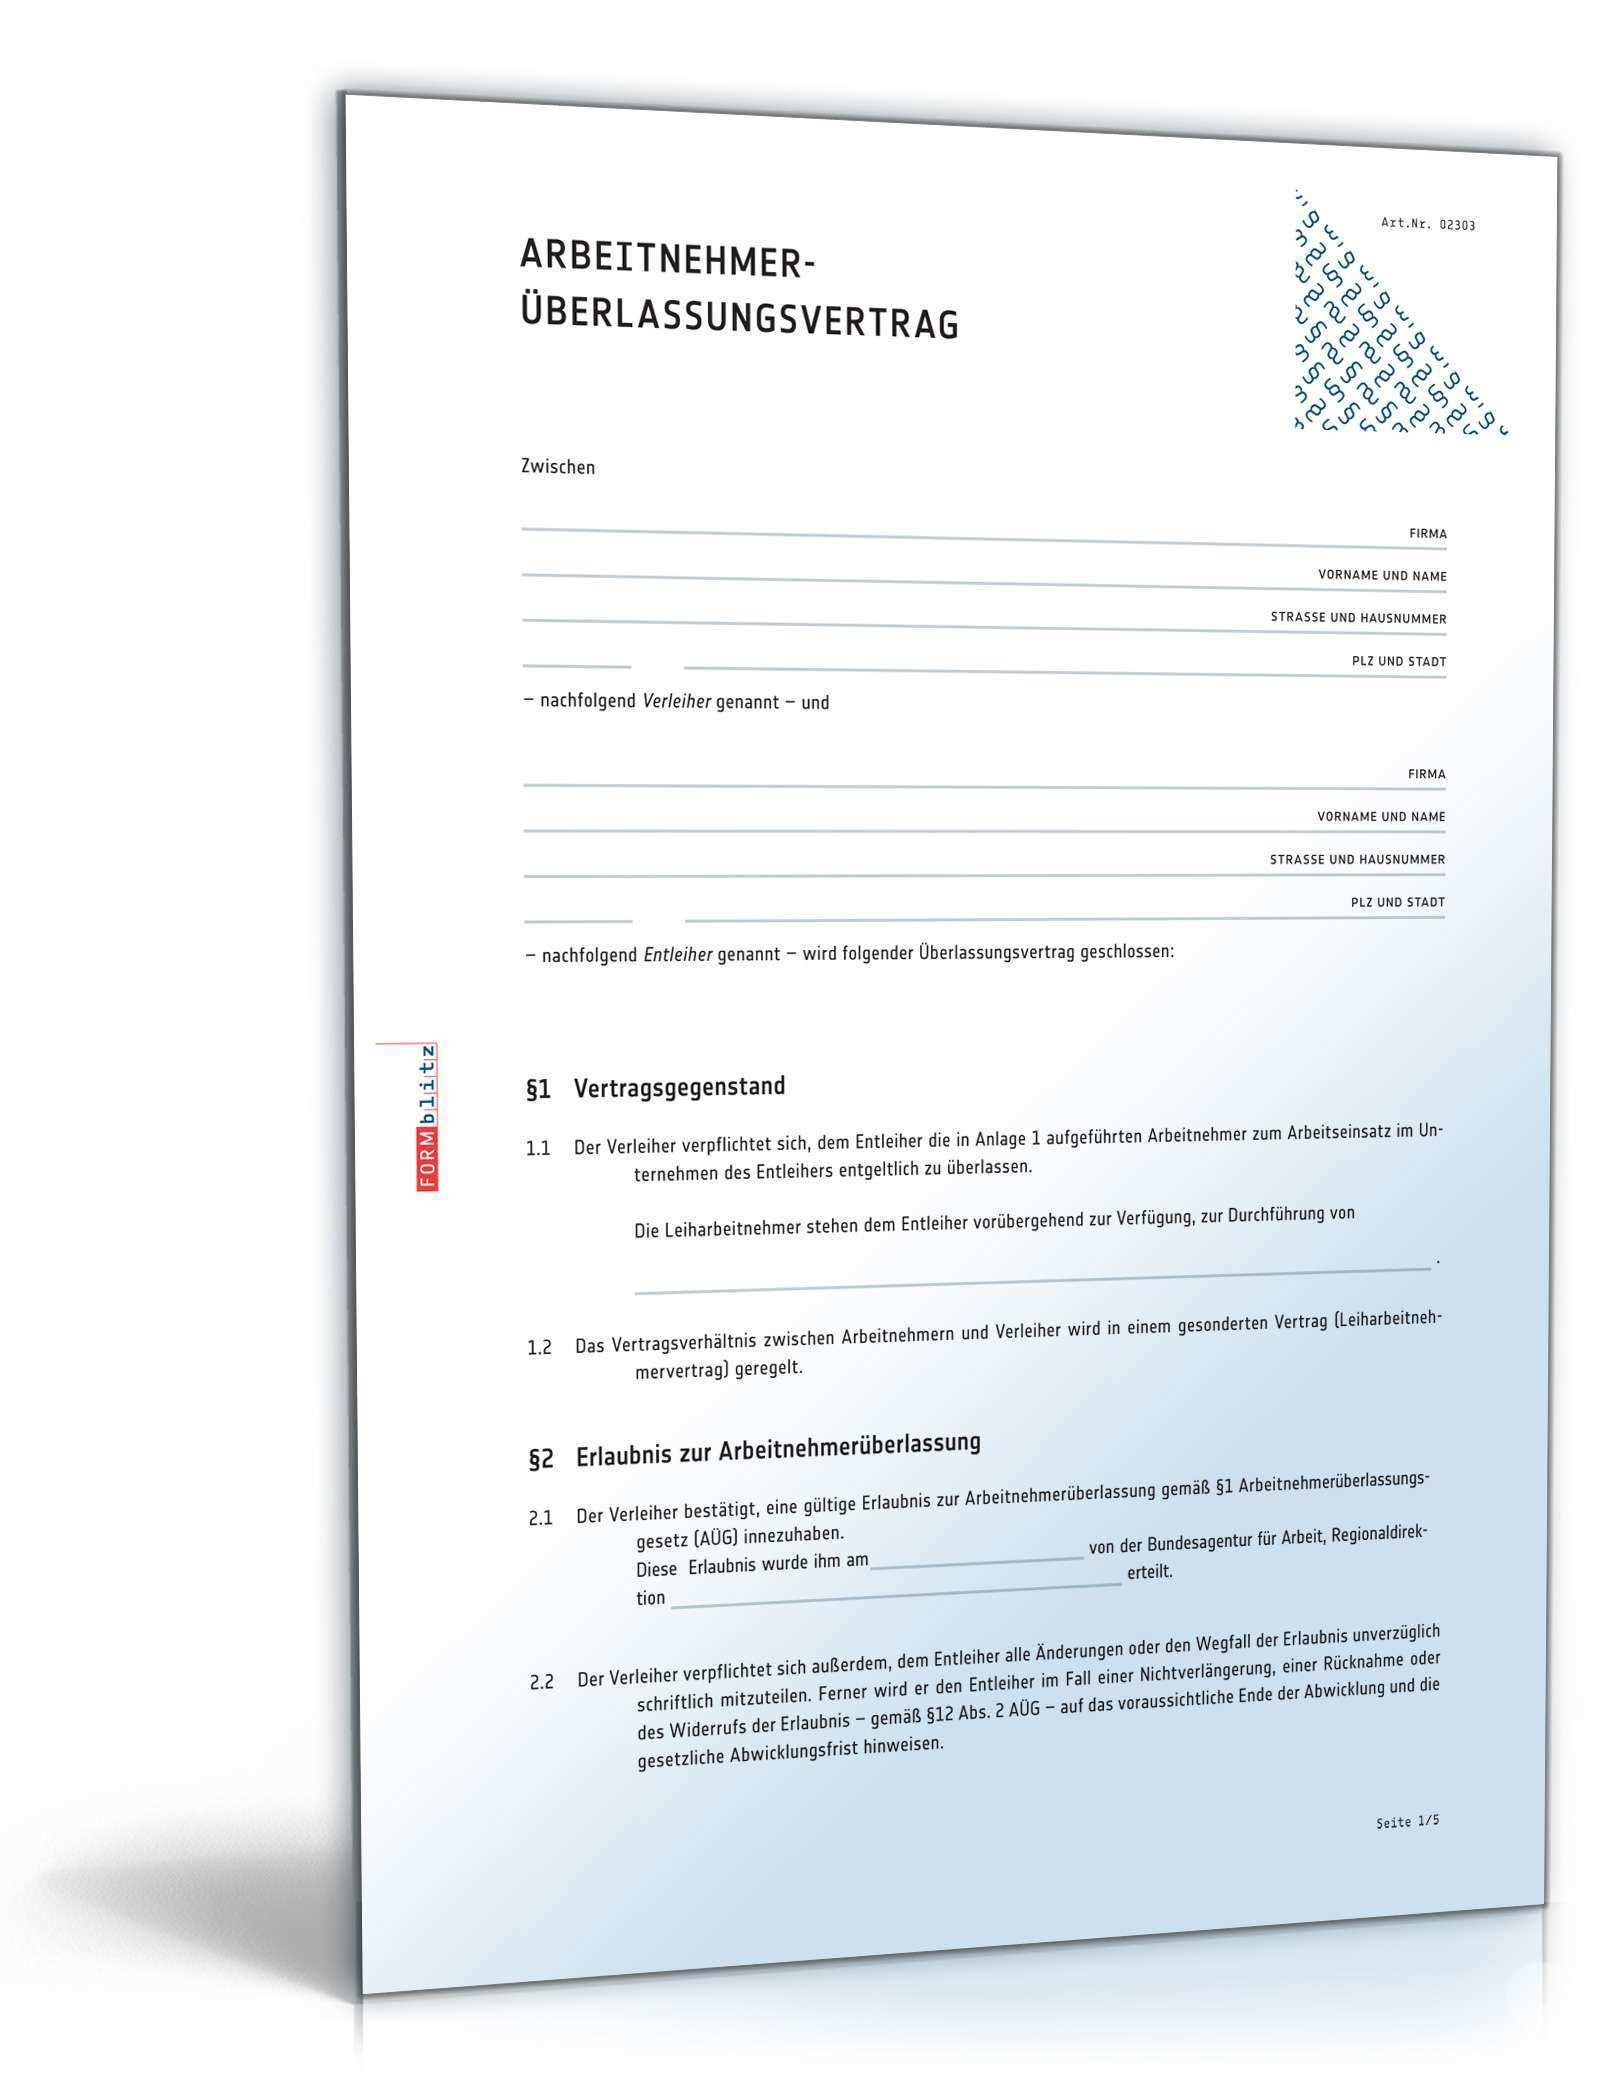 Arbeitnehmeruberlassungsvertrag Muster Zum Download